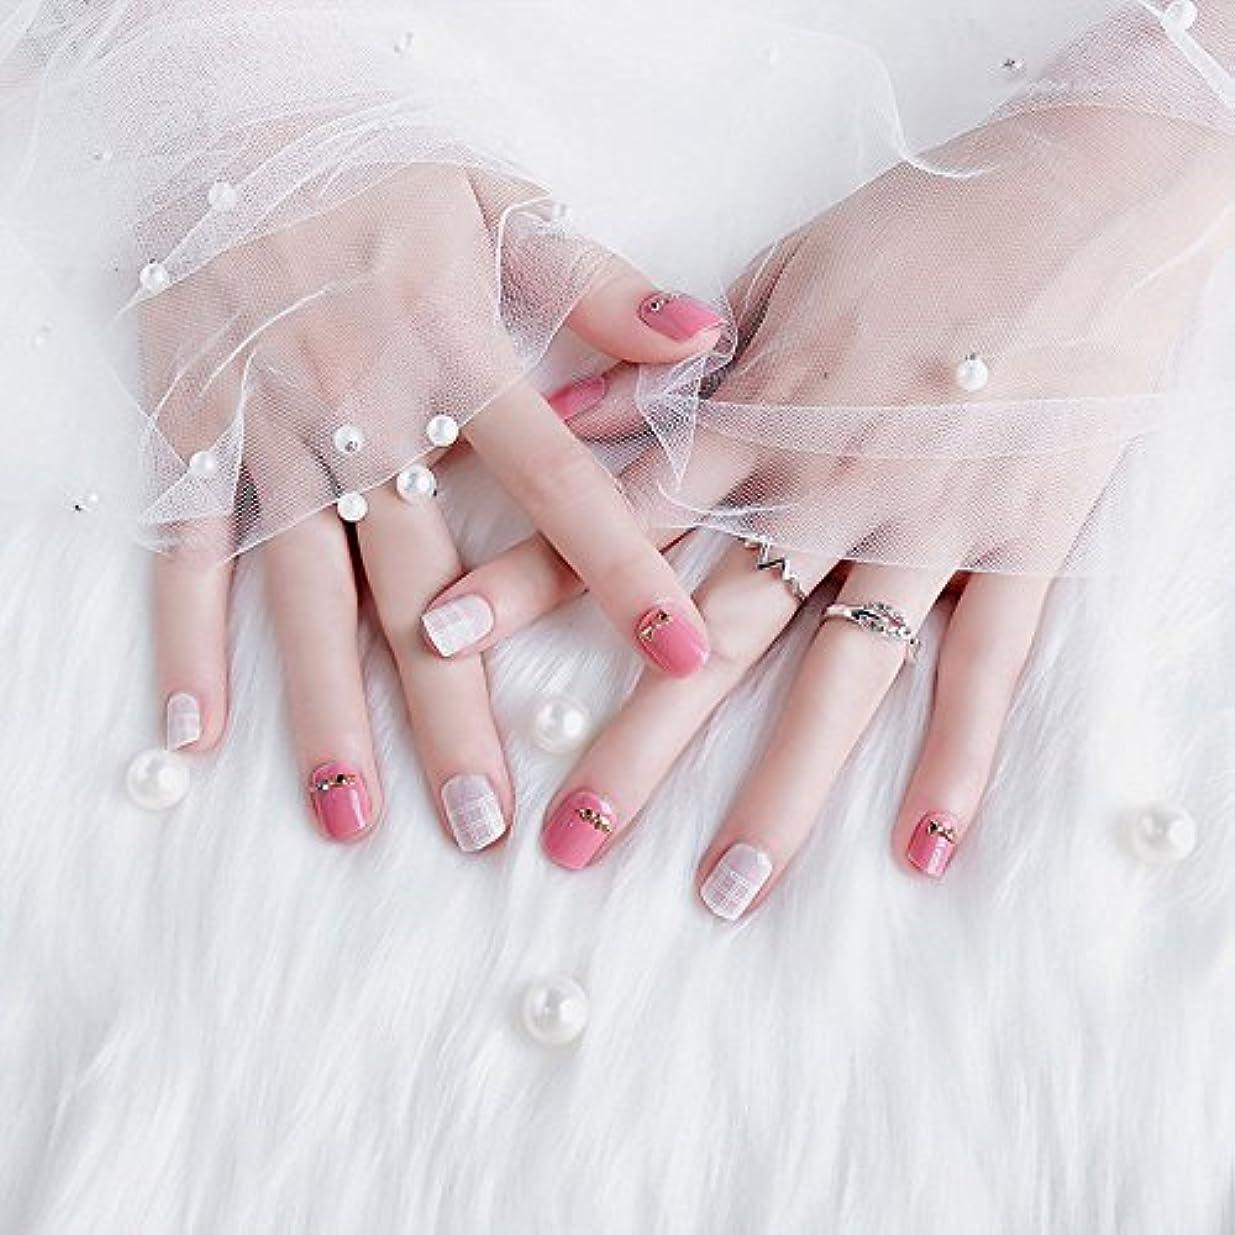 のカバー手段おしゃれなネイルチップ 短いさネイルチップ 複数のスタイル 24枚入 結婚式、パーティー、二次会などに ネイルアート 手作りネイルチップ 両面接着テープ付き (ピンク)